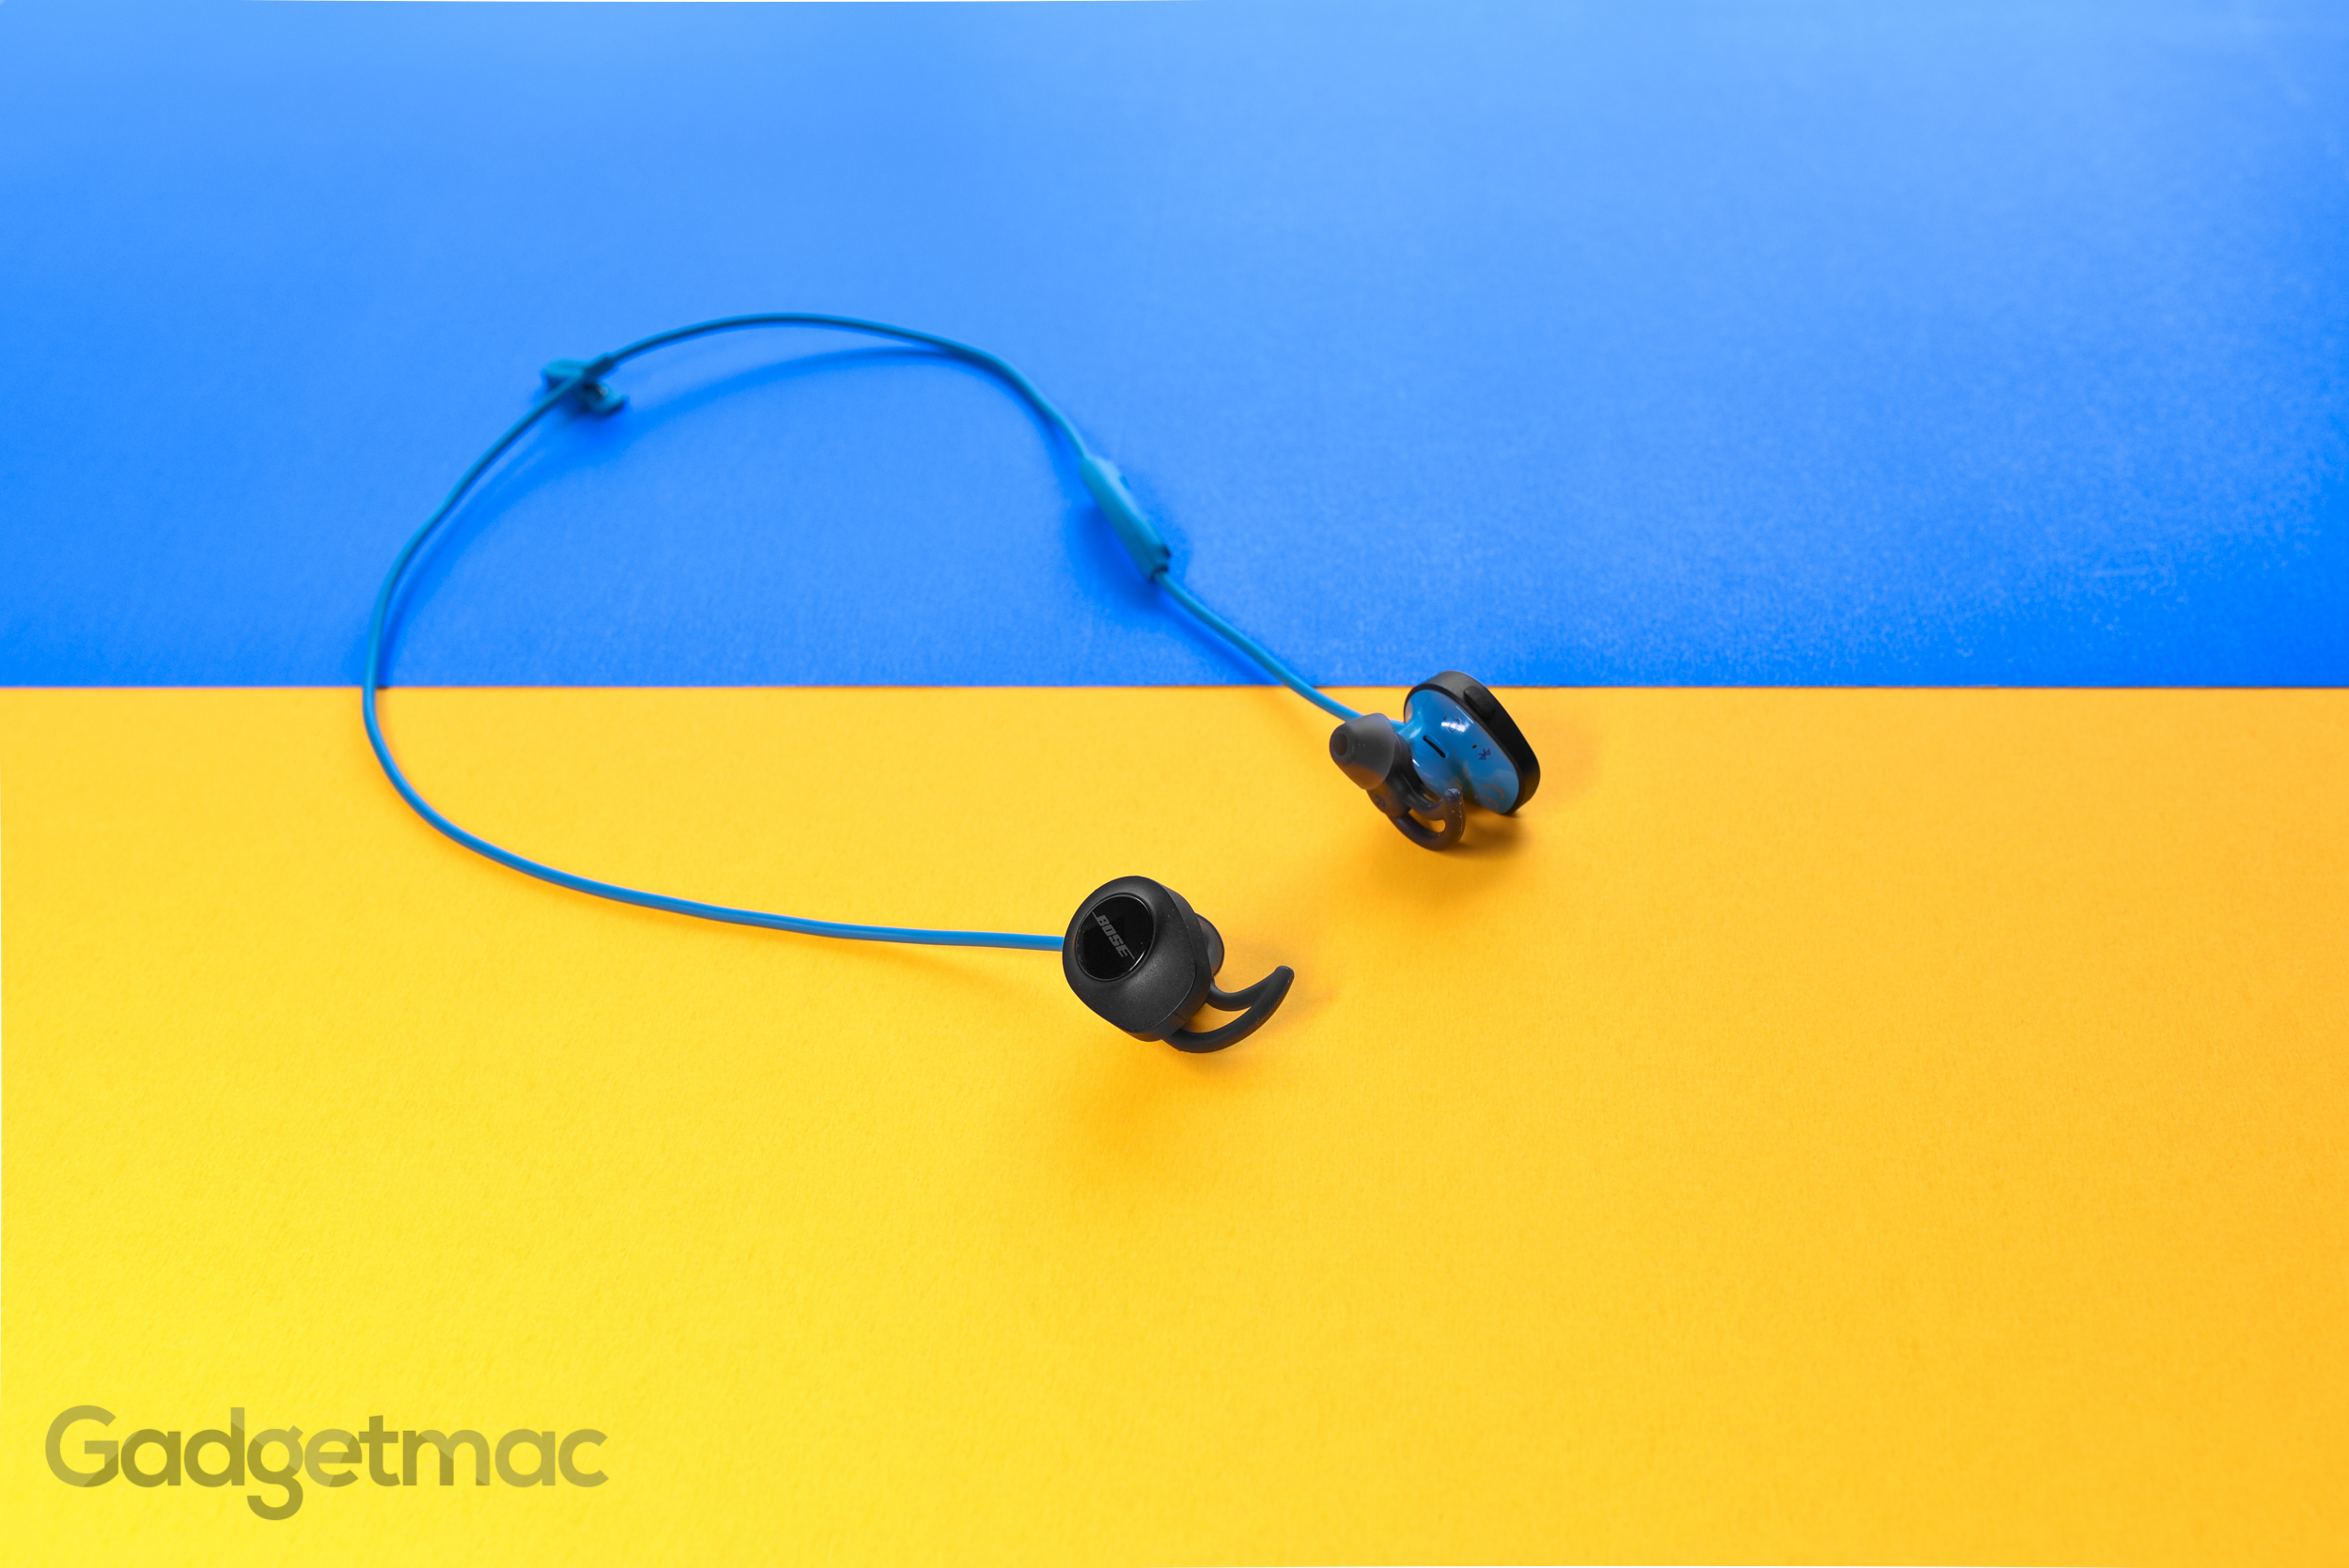 bose-soundsport-wireless-earphones.jpg